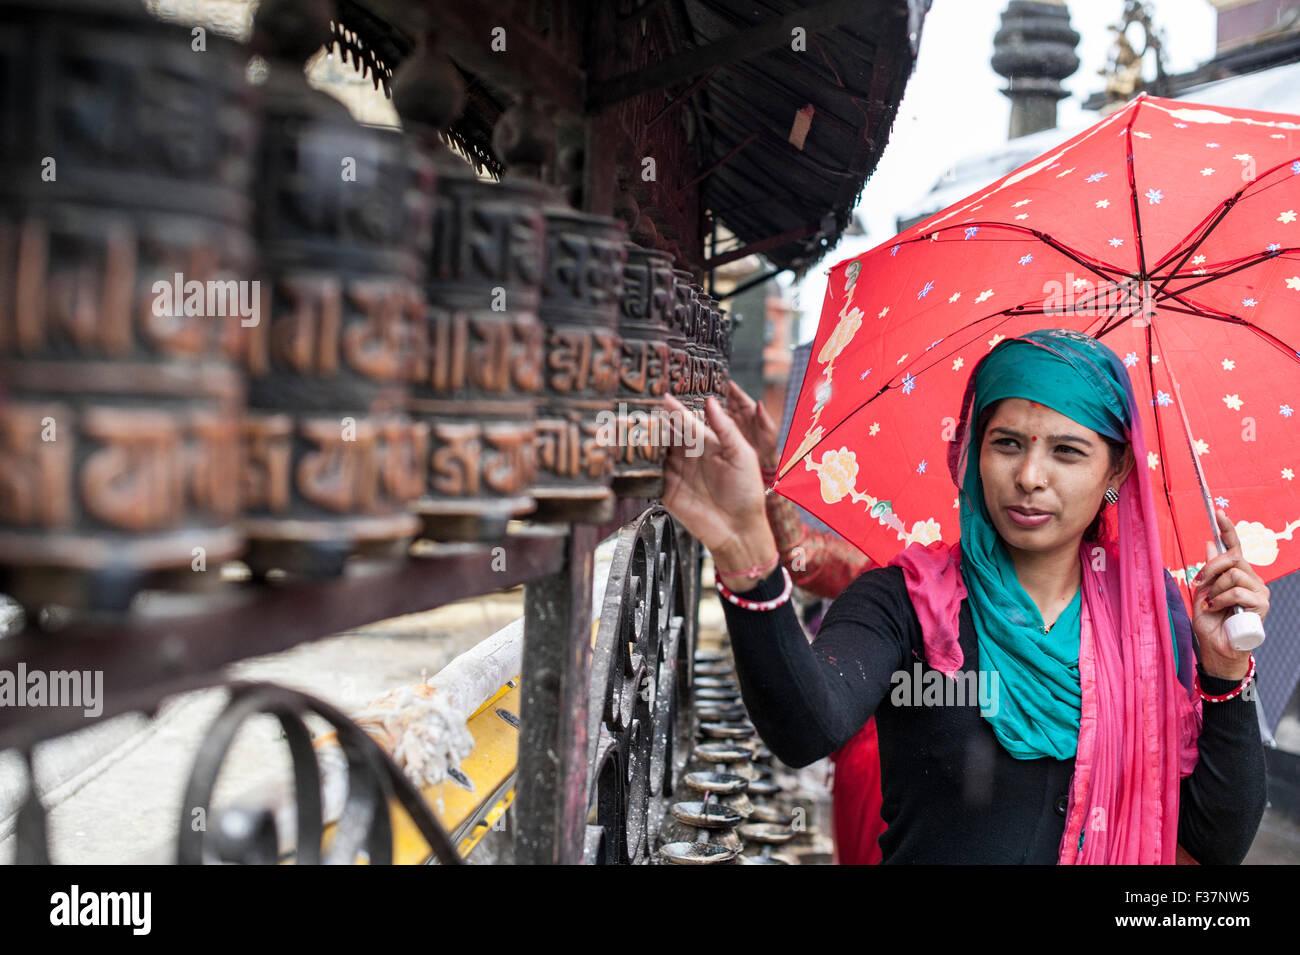 Una signora pregando con pregare wheles a Swayambhunath temple Kathmandu, Nepal Immagini Stock